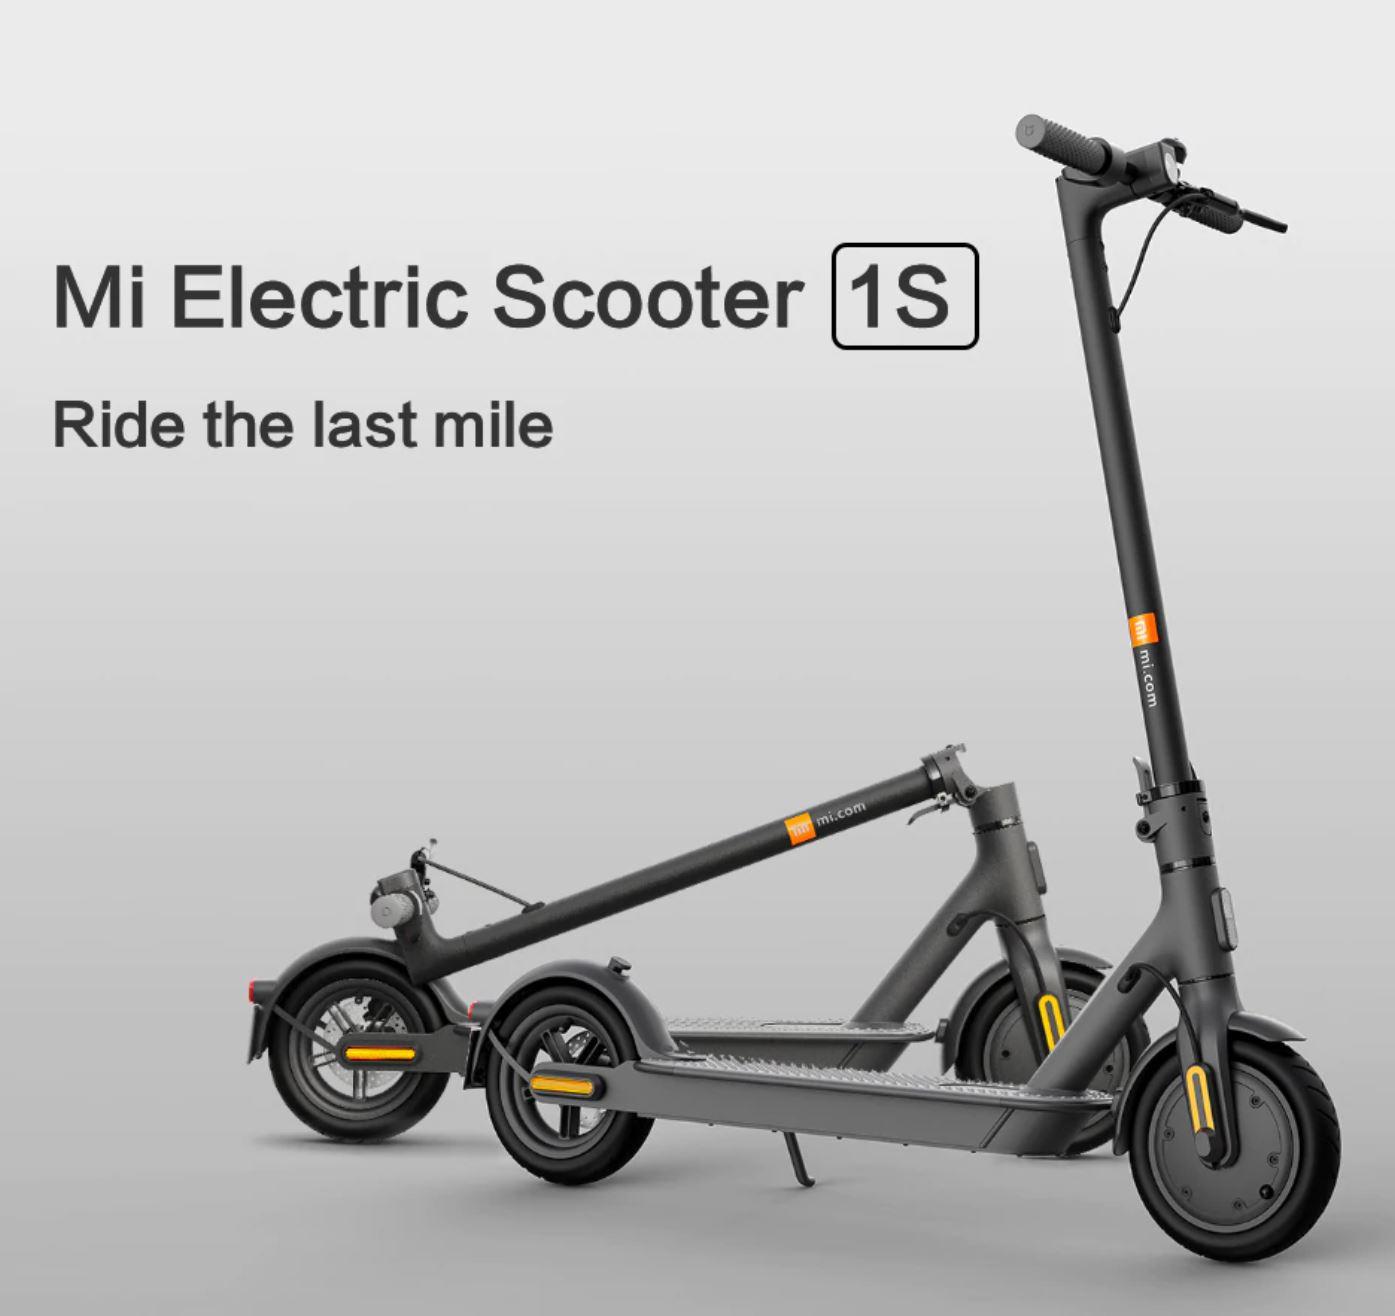 Pojazdy elektryczne z Aliexpress - hulajnoga elektryczna Xiaomi Mi Electric Scooter 1S